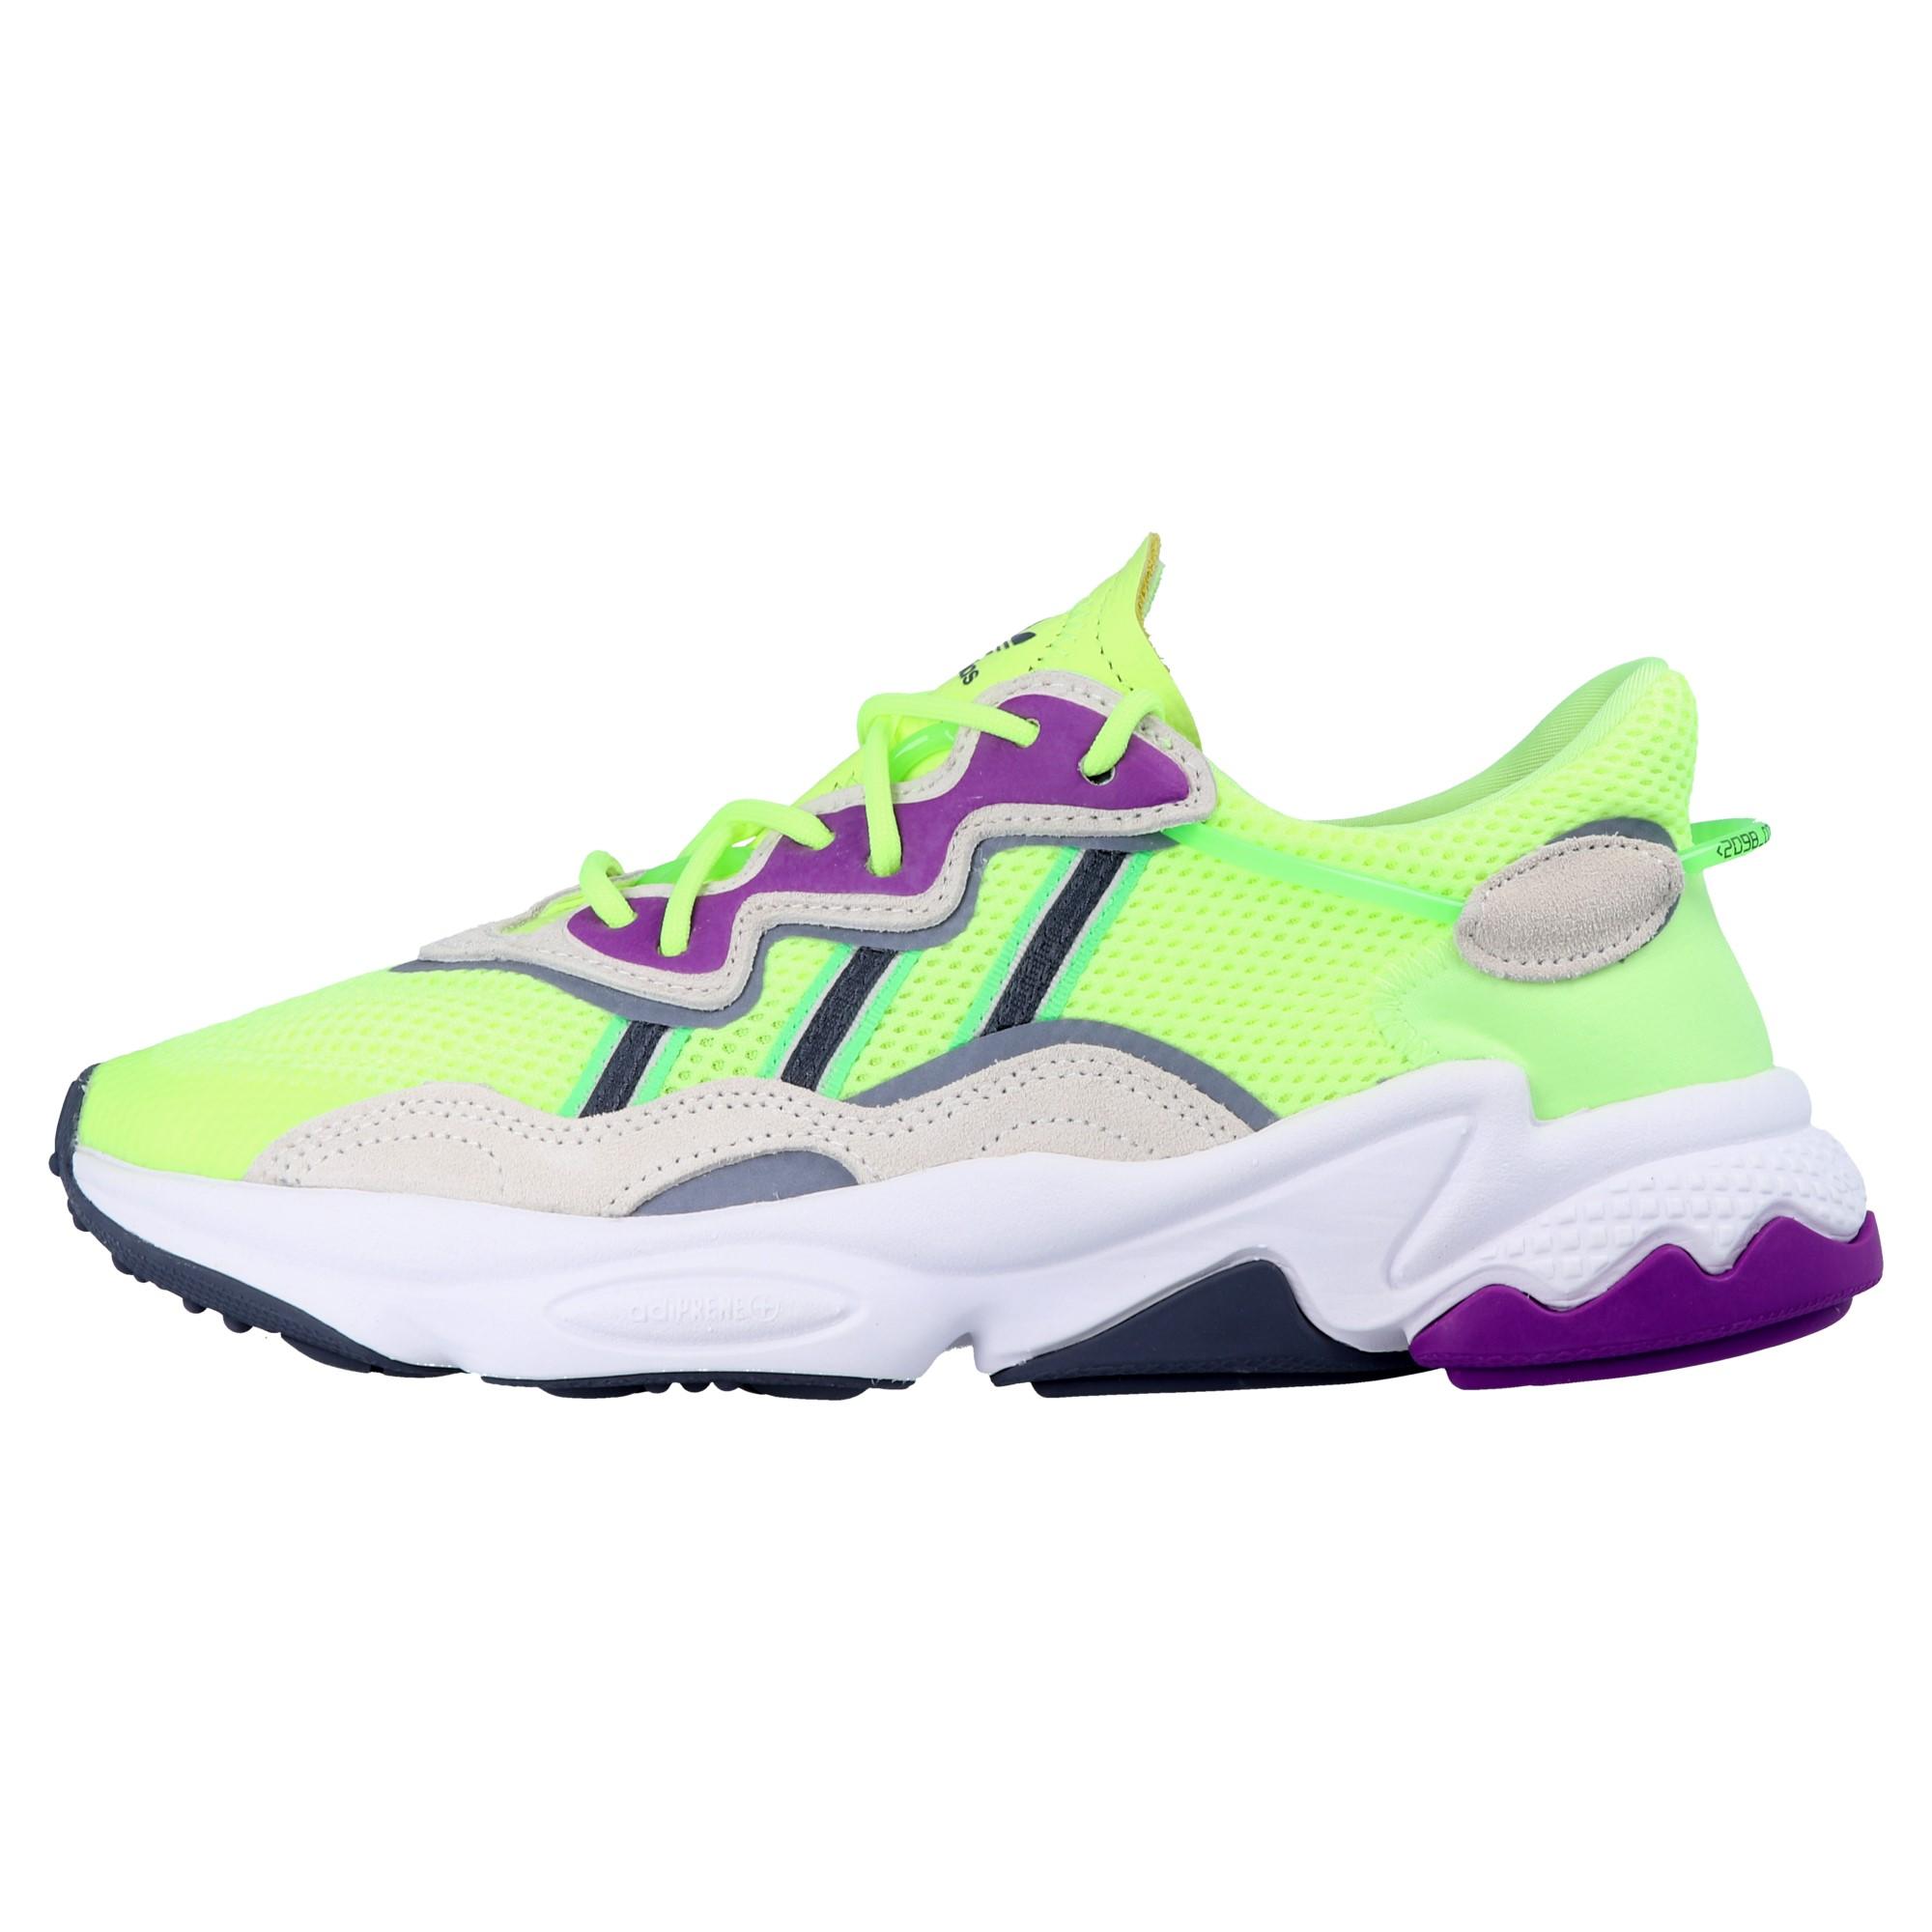 Details zu adidas Originals EE5720 OZWEEGO W Damen Sneaker Turnschuhe Neon Gelb Schuhe Neu